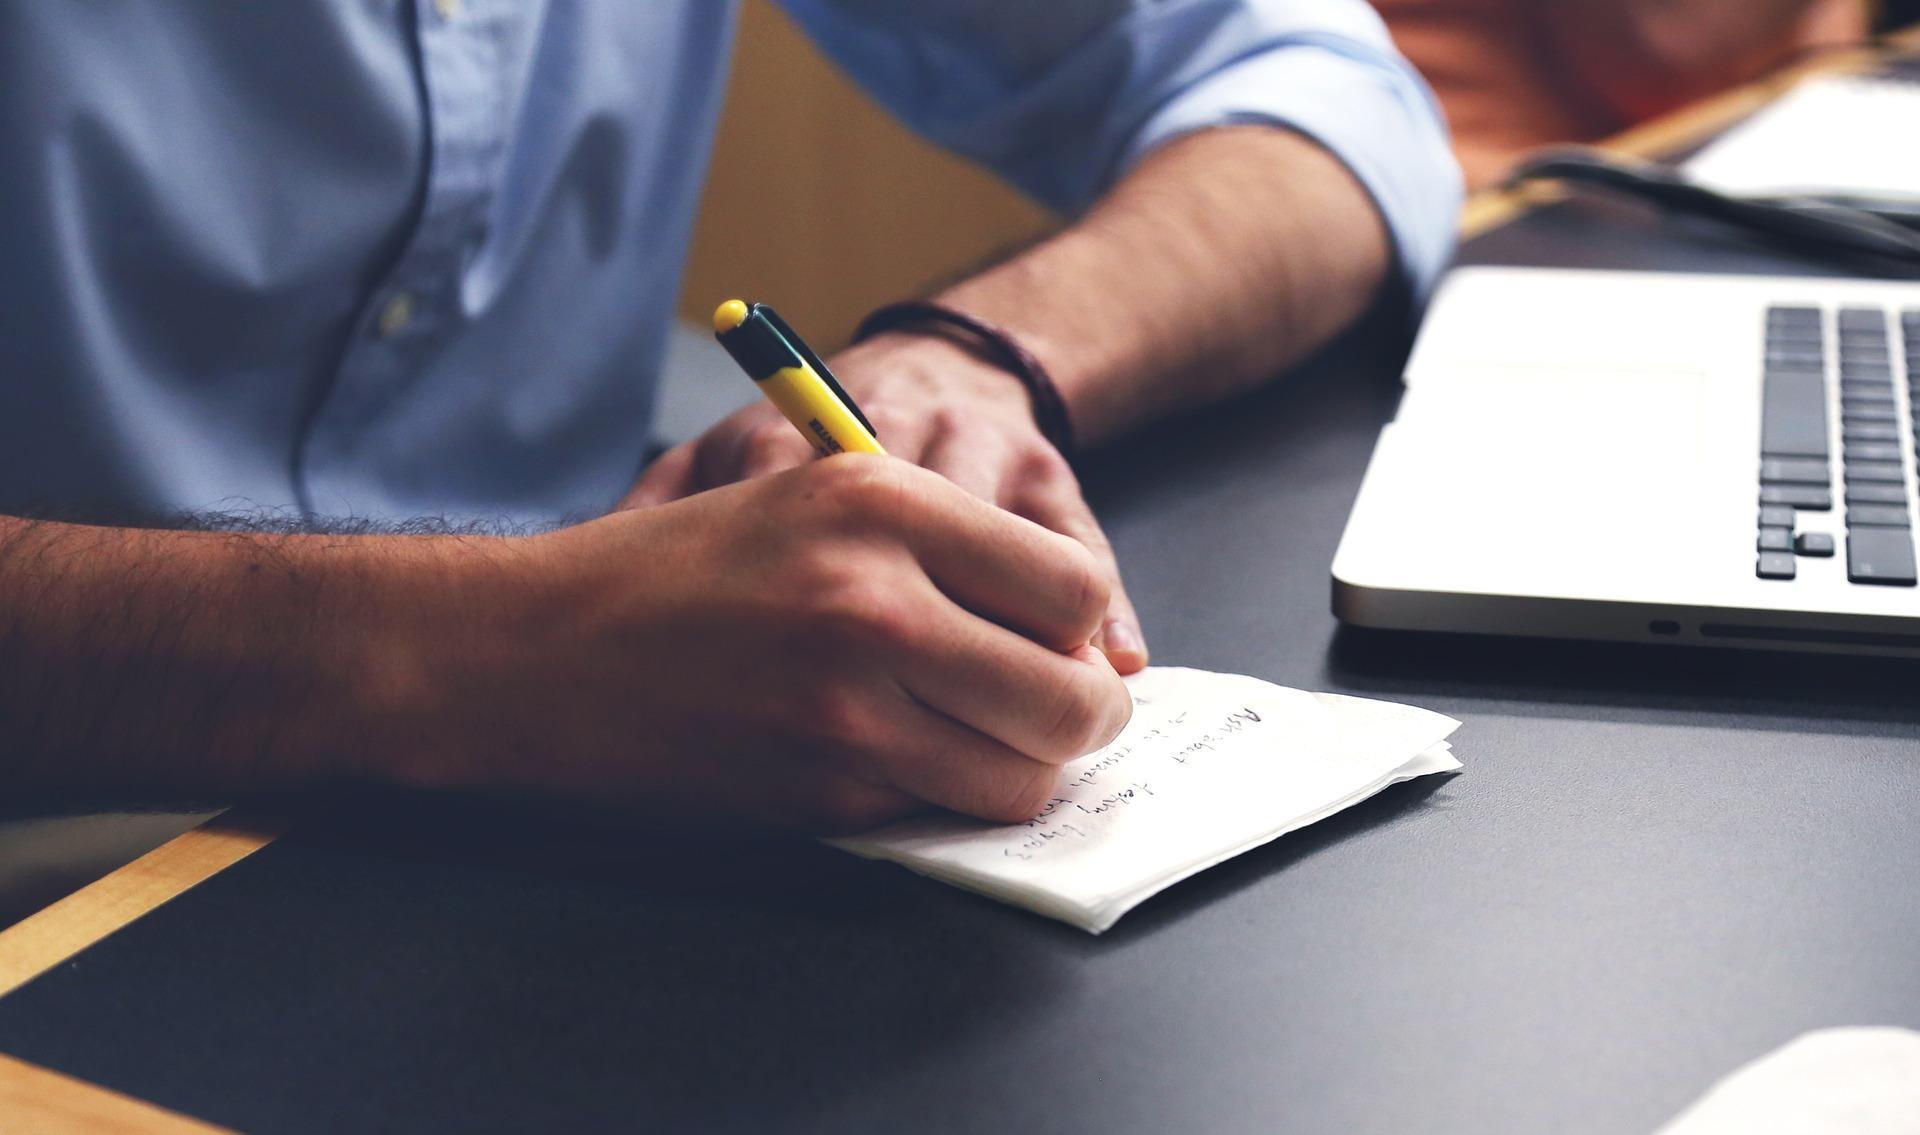 סדנת כתיבה שיווקית לעסק